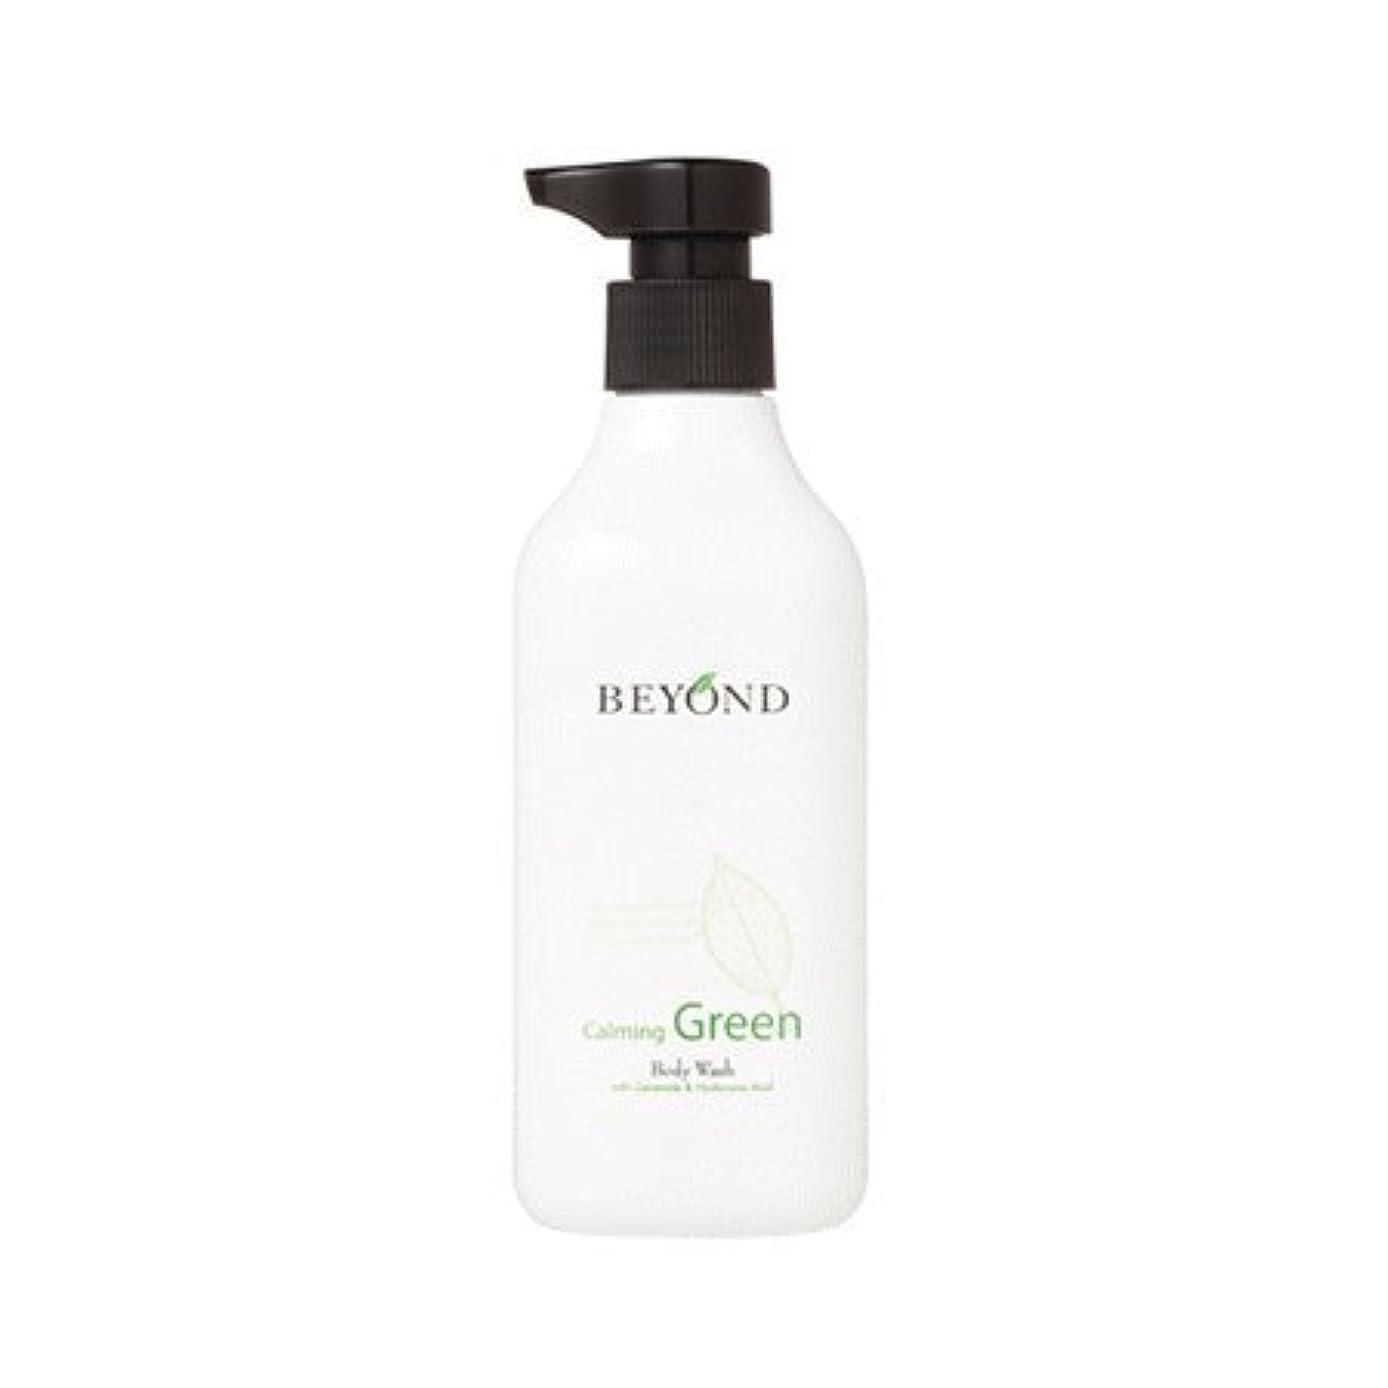 ポーク自宅で一節Beyond calming green body wash 300ml